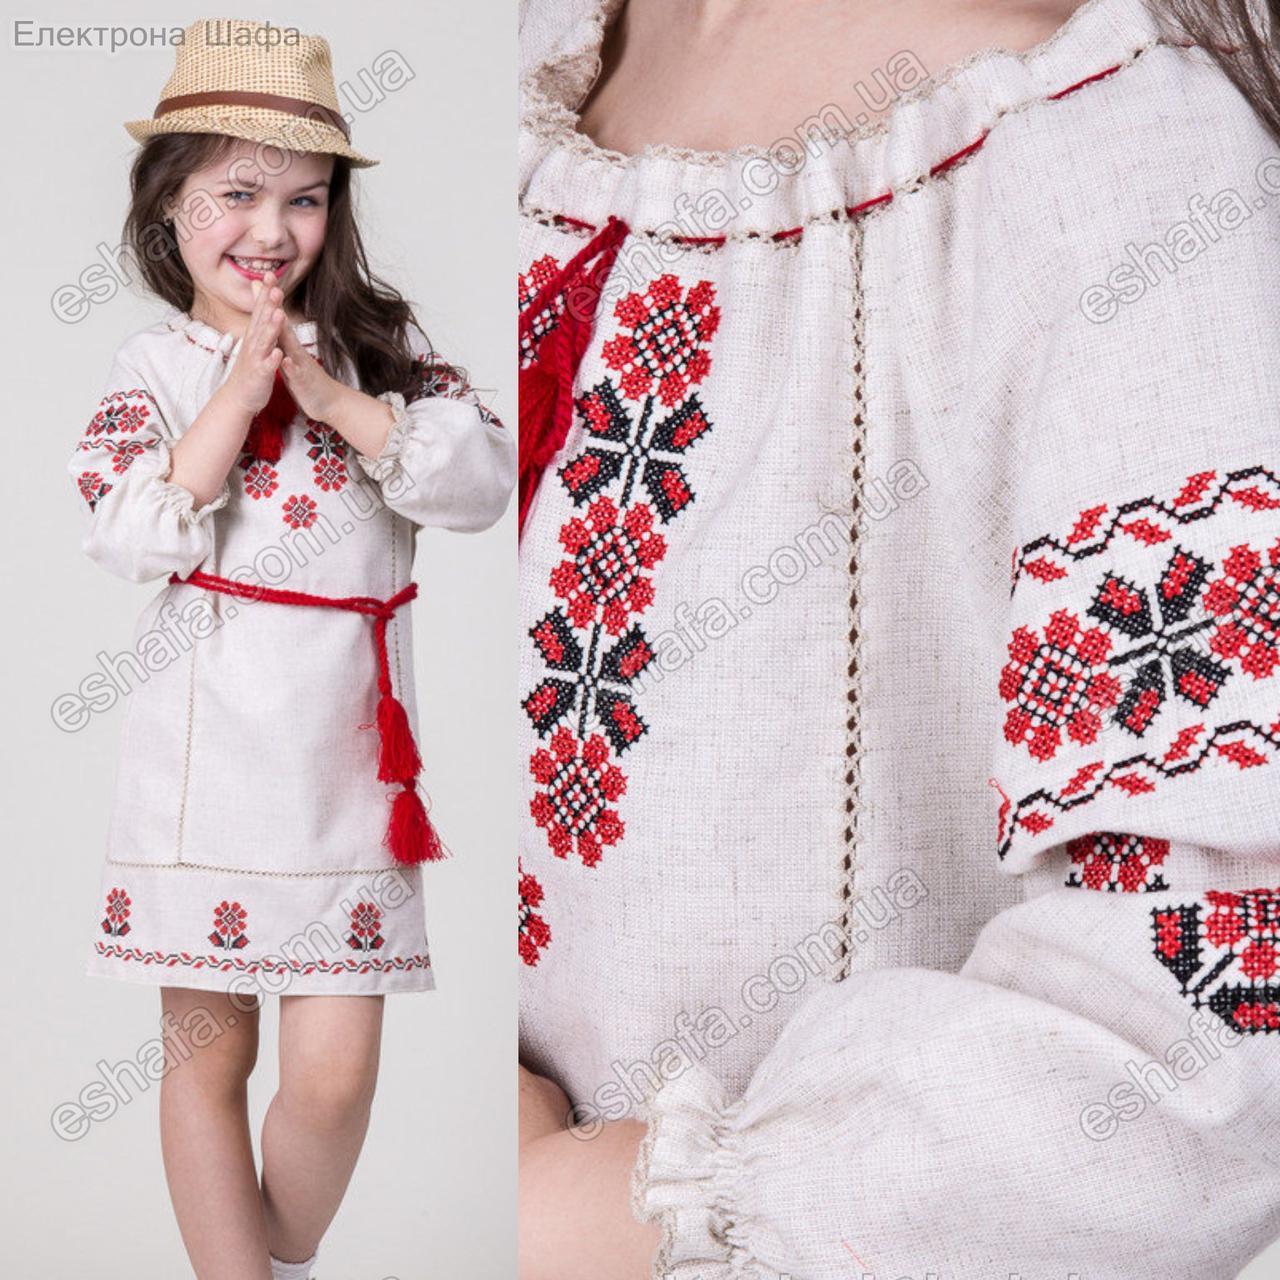 Платье вышитое крестиком для девочки   Арина   - Eshafa - Електрона Шафа в 6aa4fb18a7cd6